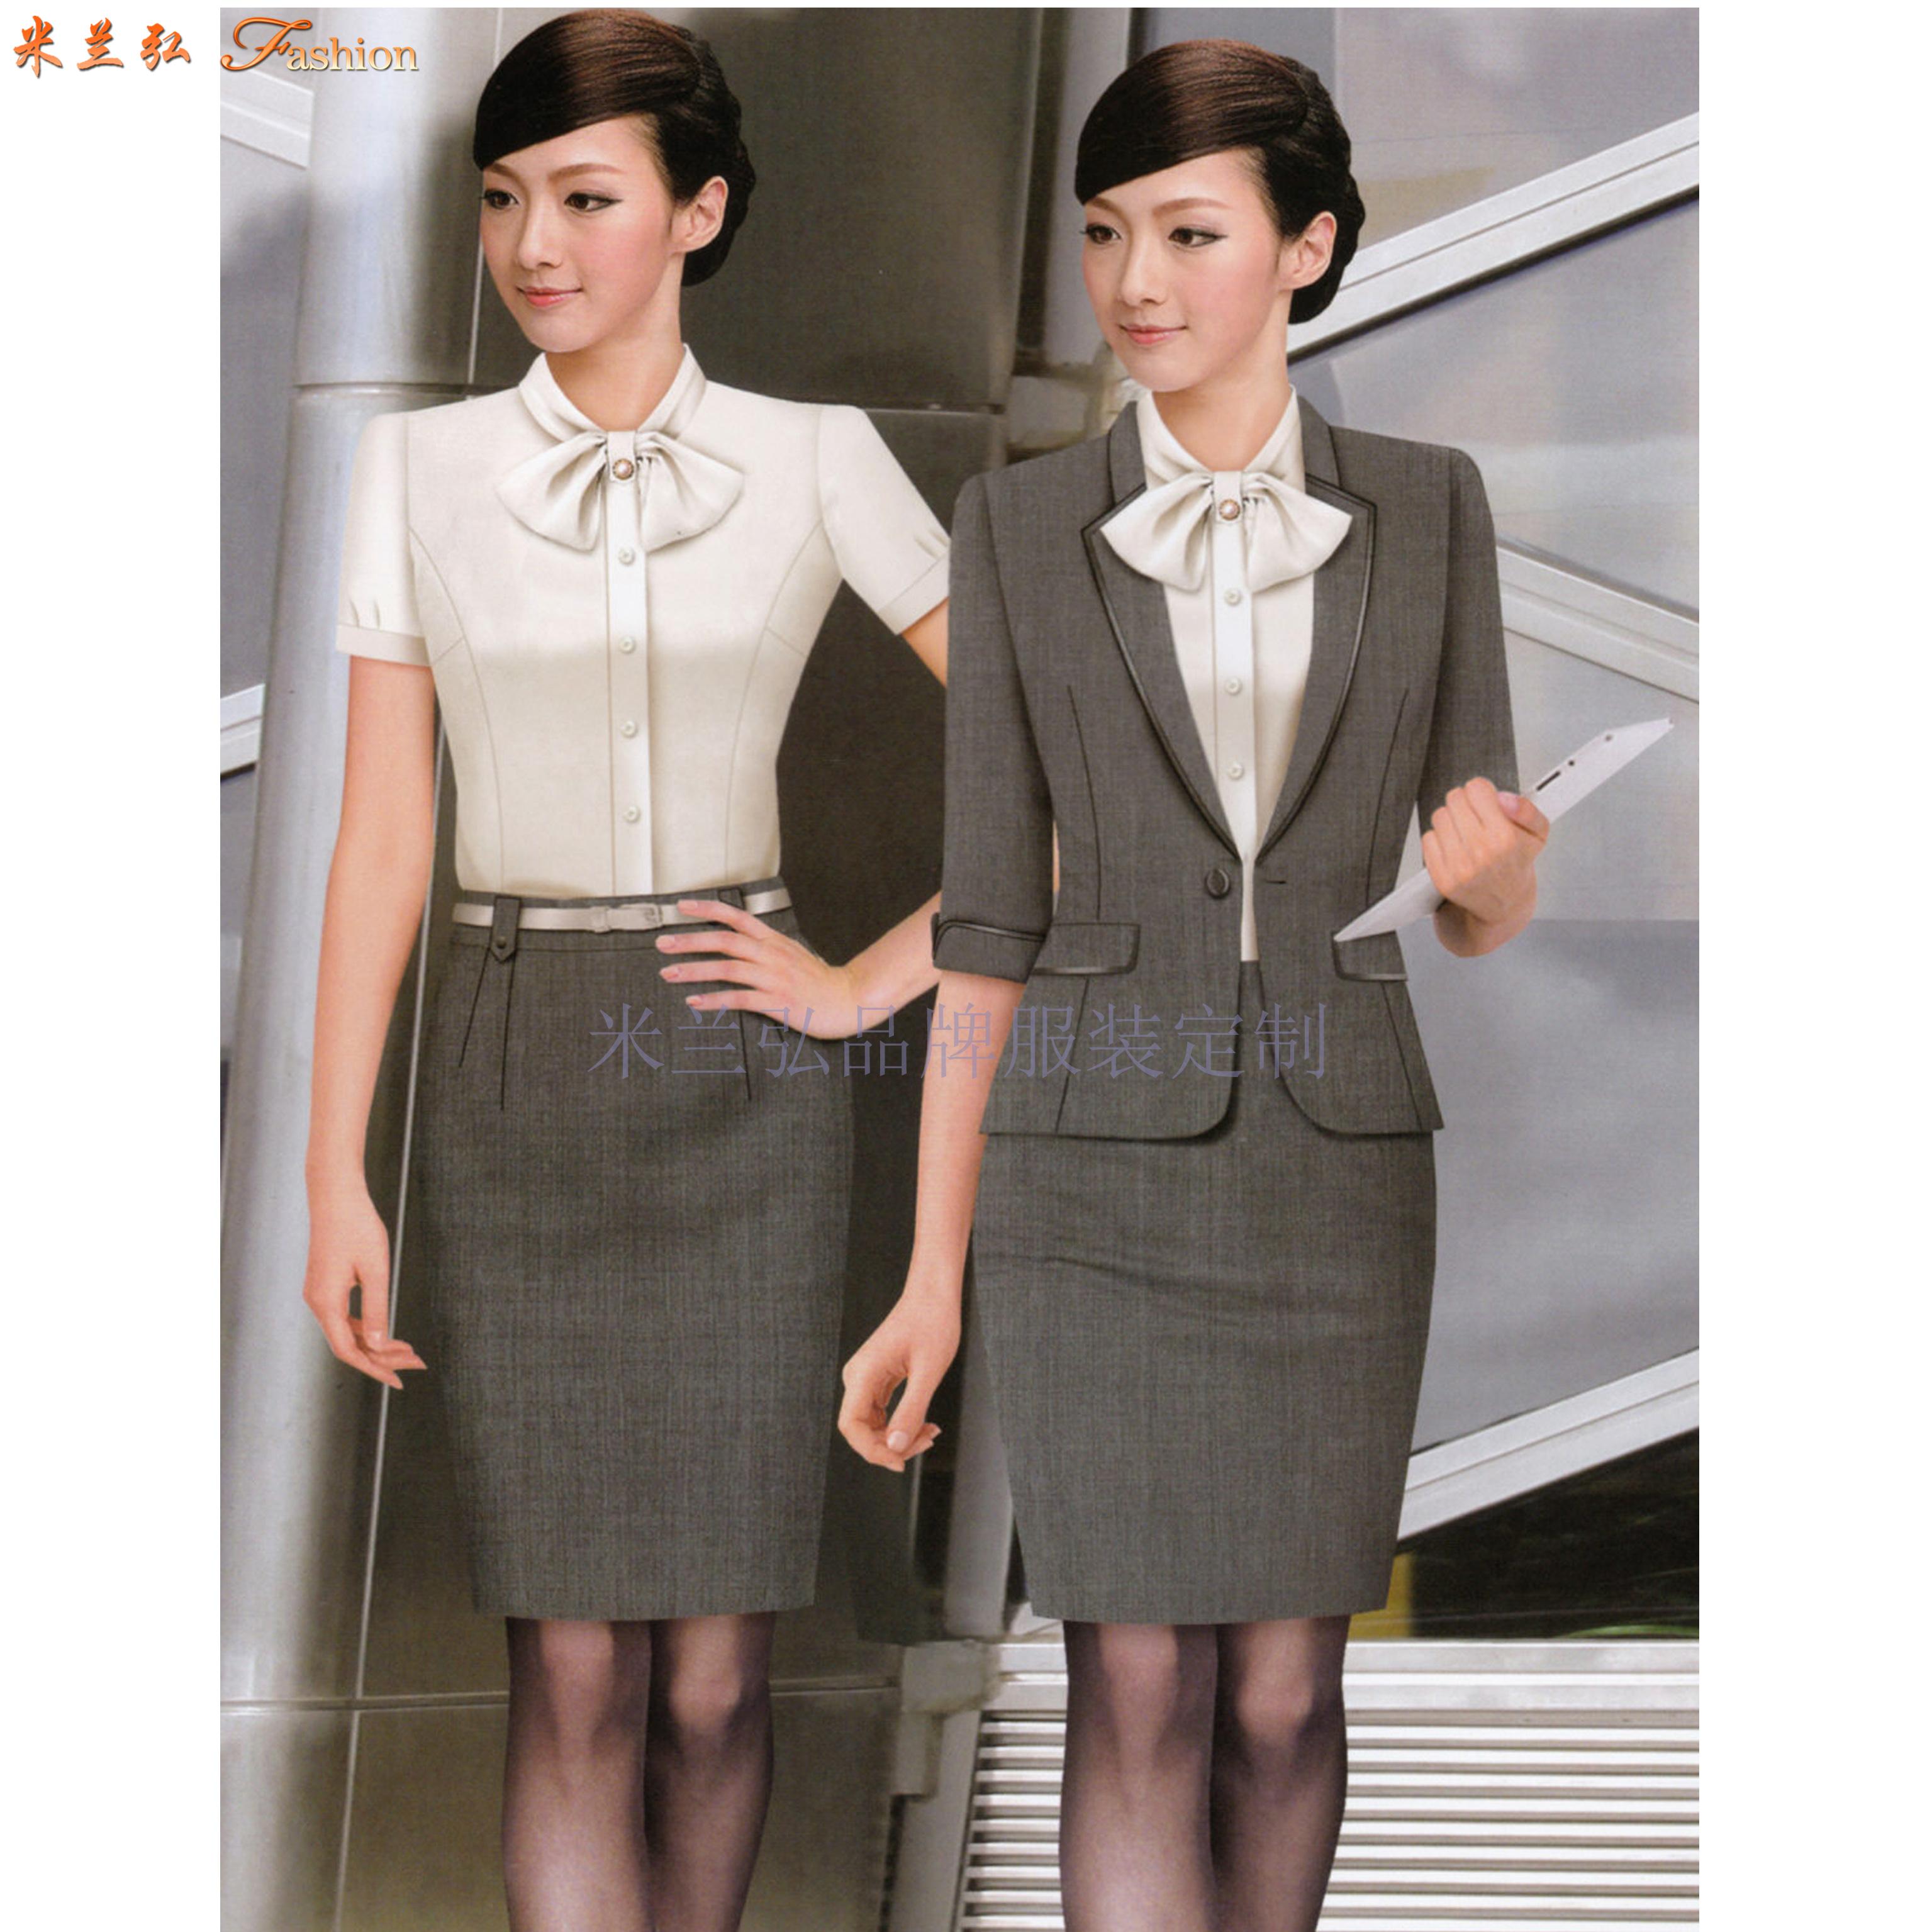 「職業裝」北京量身定制訂做通勤職業裝的靠譜公司-米蘭弘服裝-2